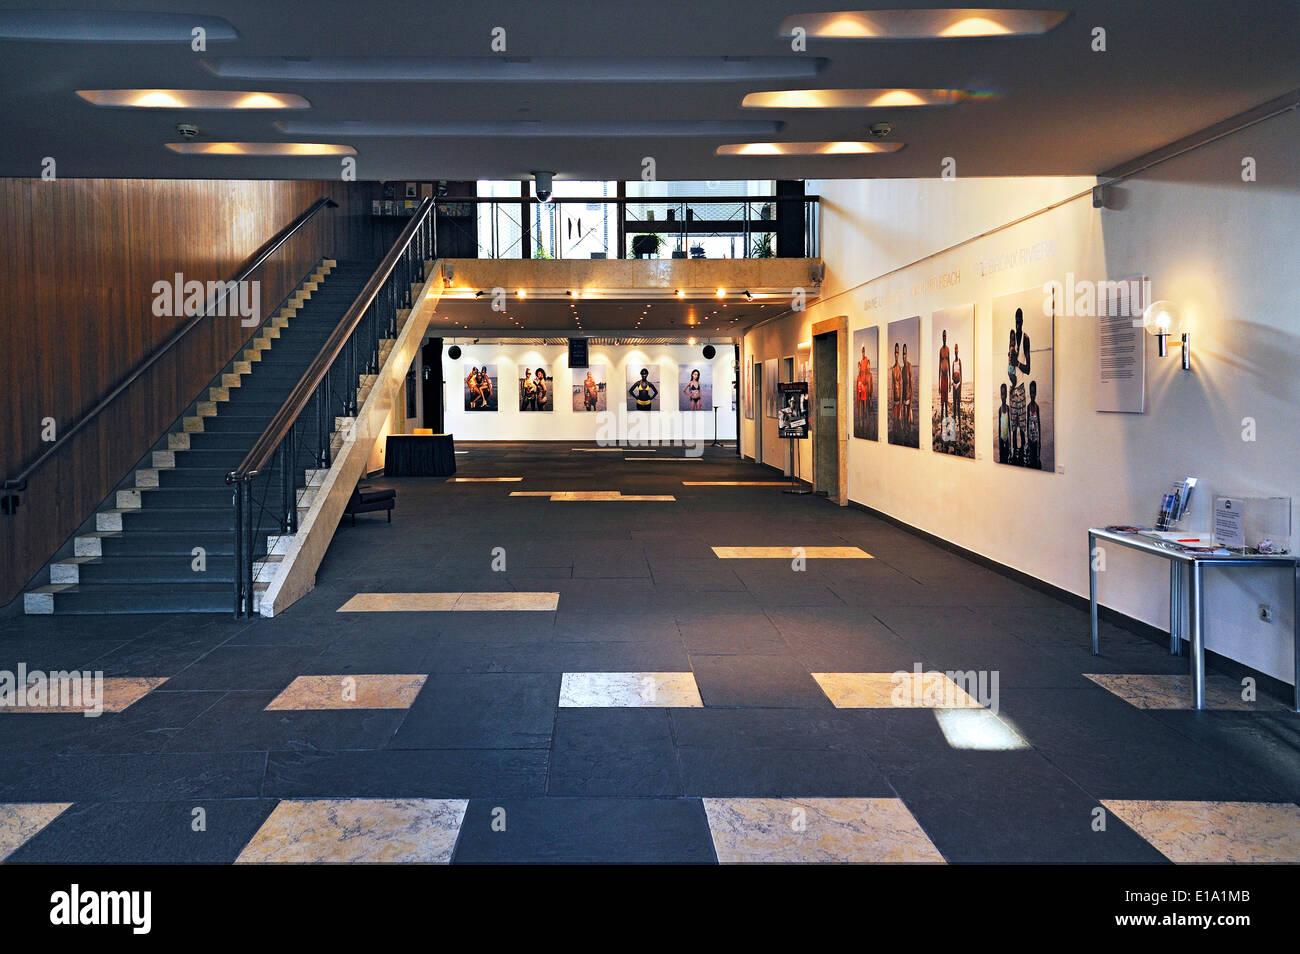 Ausstellung mit Fotografien von Wayne Lawrence, Foyer des Amerika Hauses in München, Bayern, Deutschland Stockbild